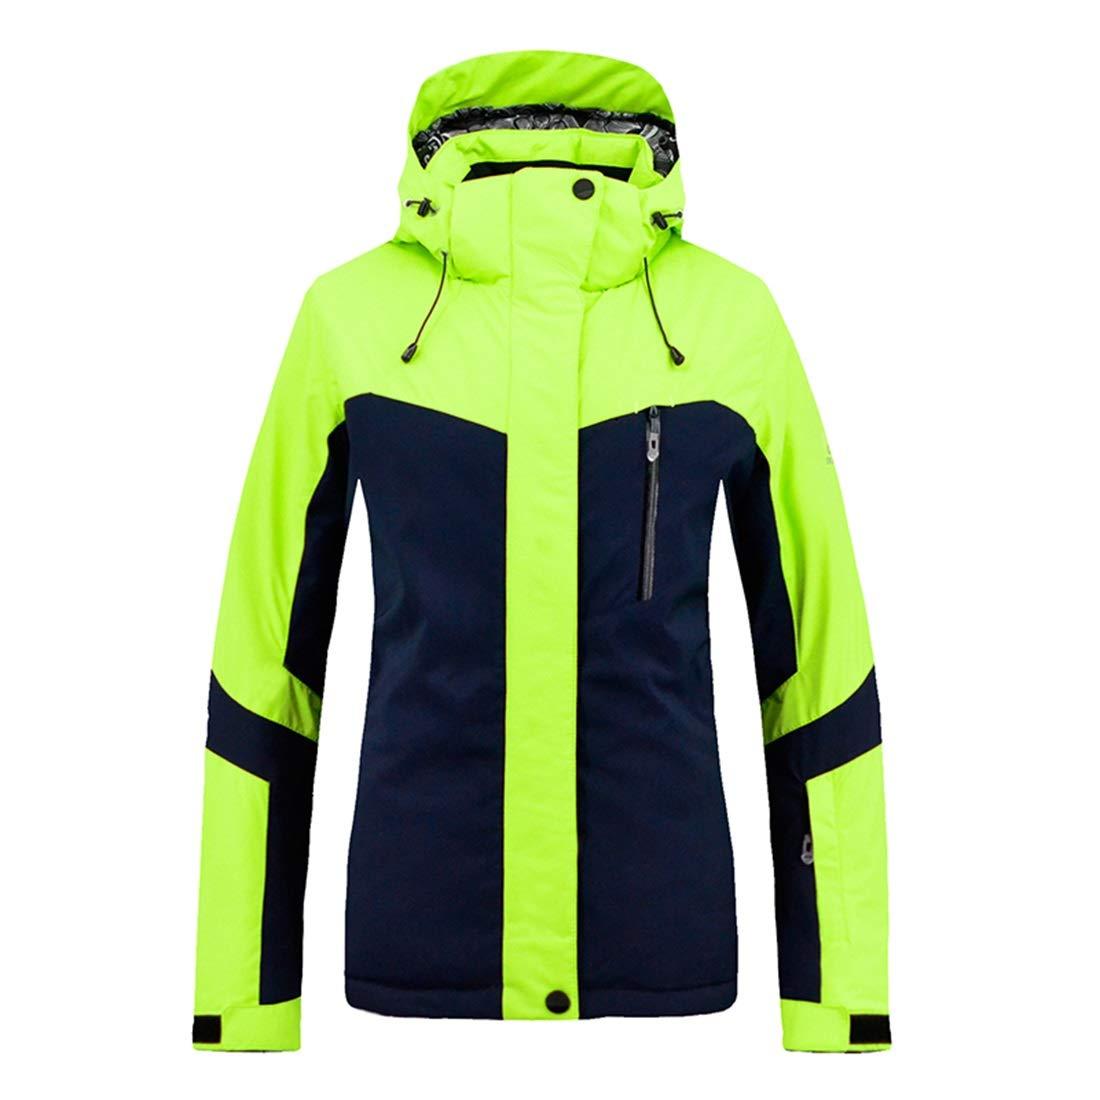 Dhrfyktu Frauen Berg Ski Jacke wasserdicht Winddicht warme Winter Regenmantel